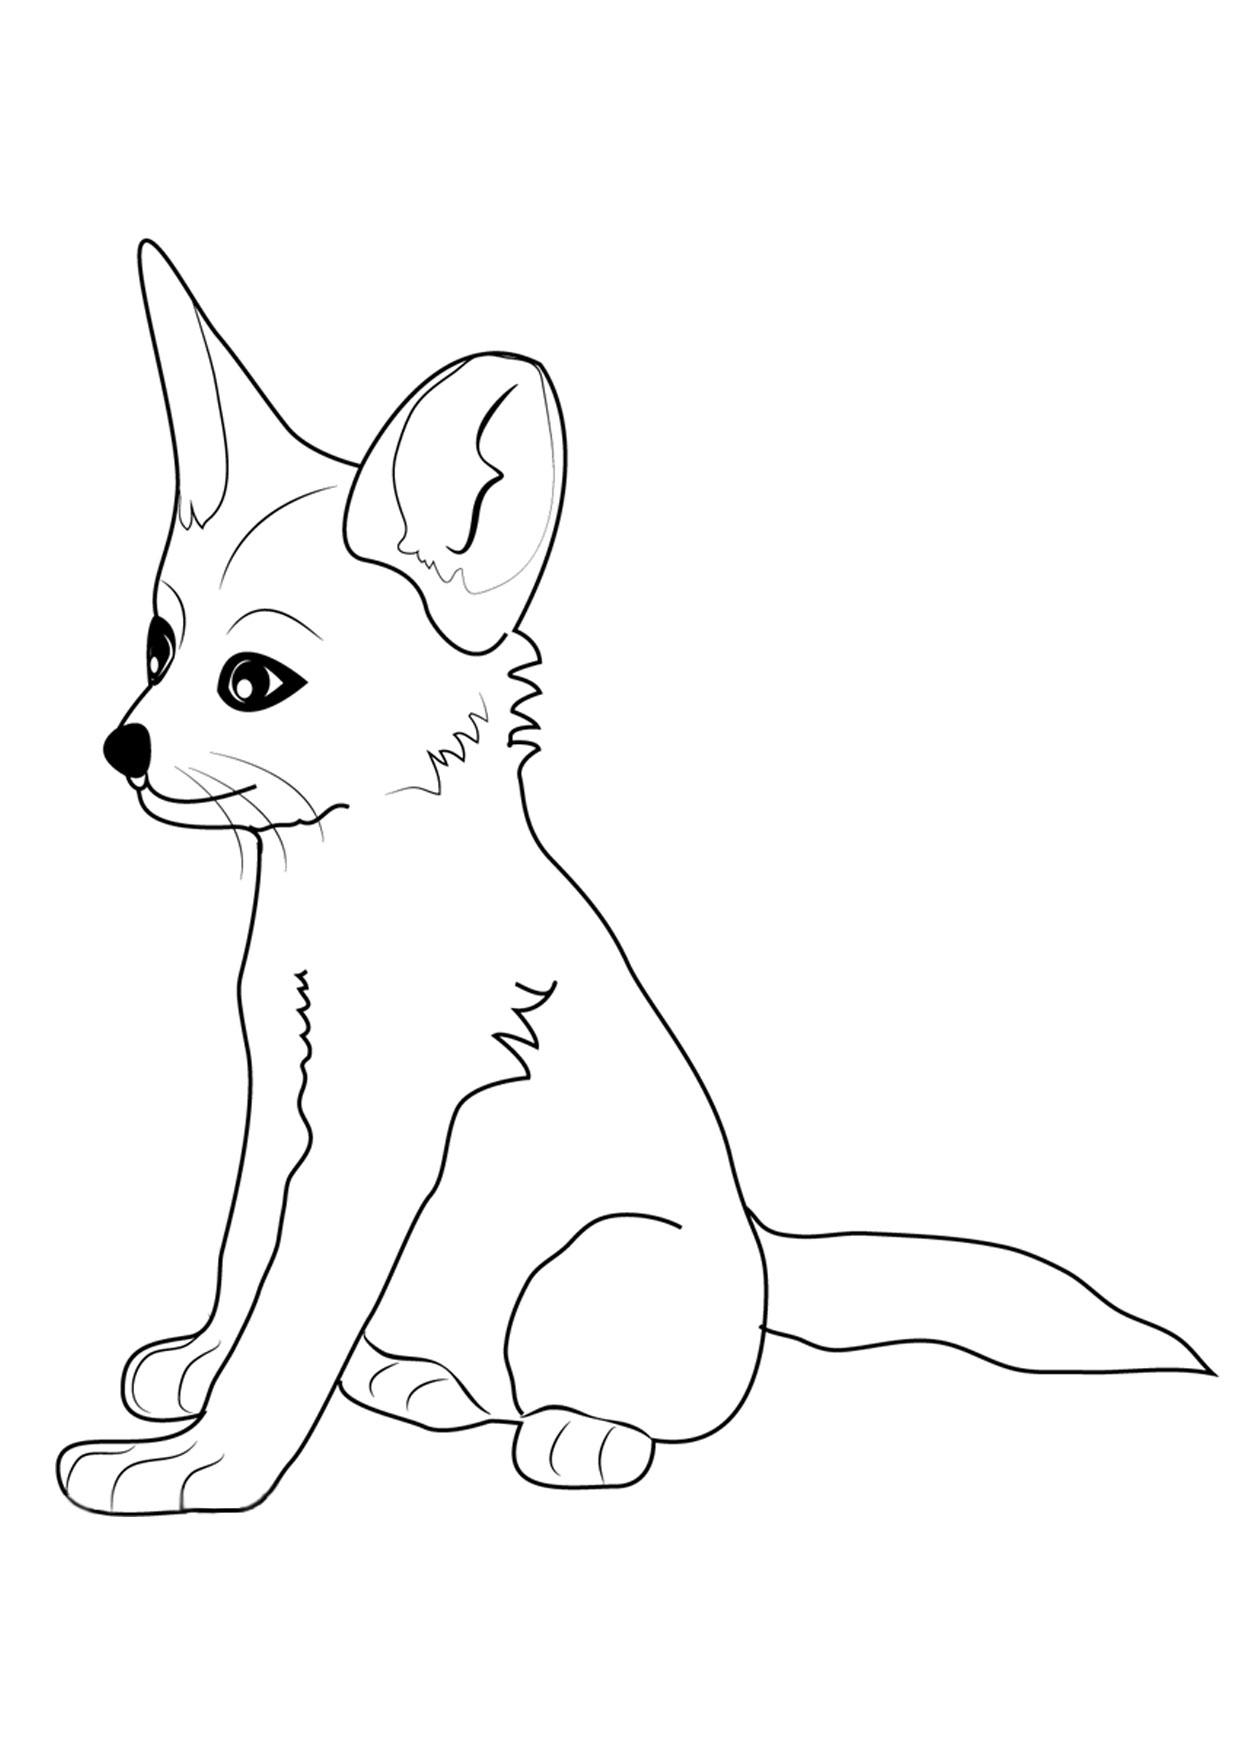 Disegno di volpe da colorare 13